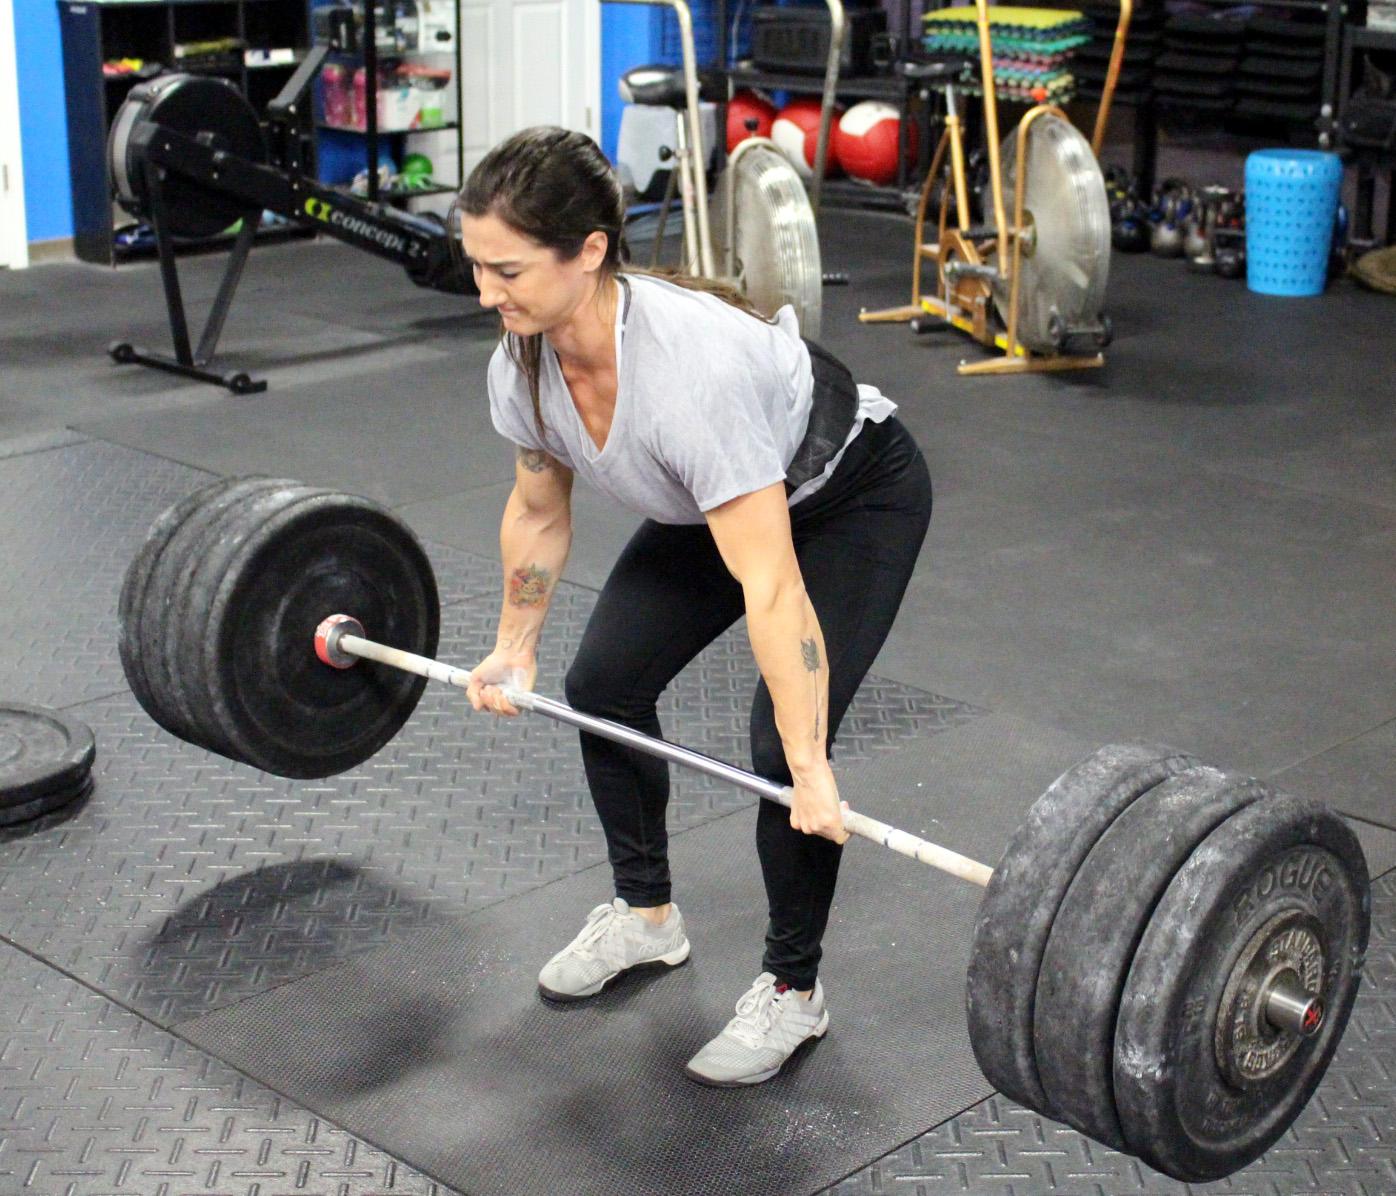 Alexa deadlifting 273 lbs